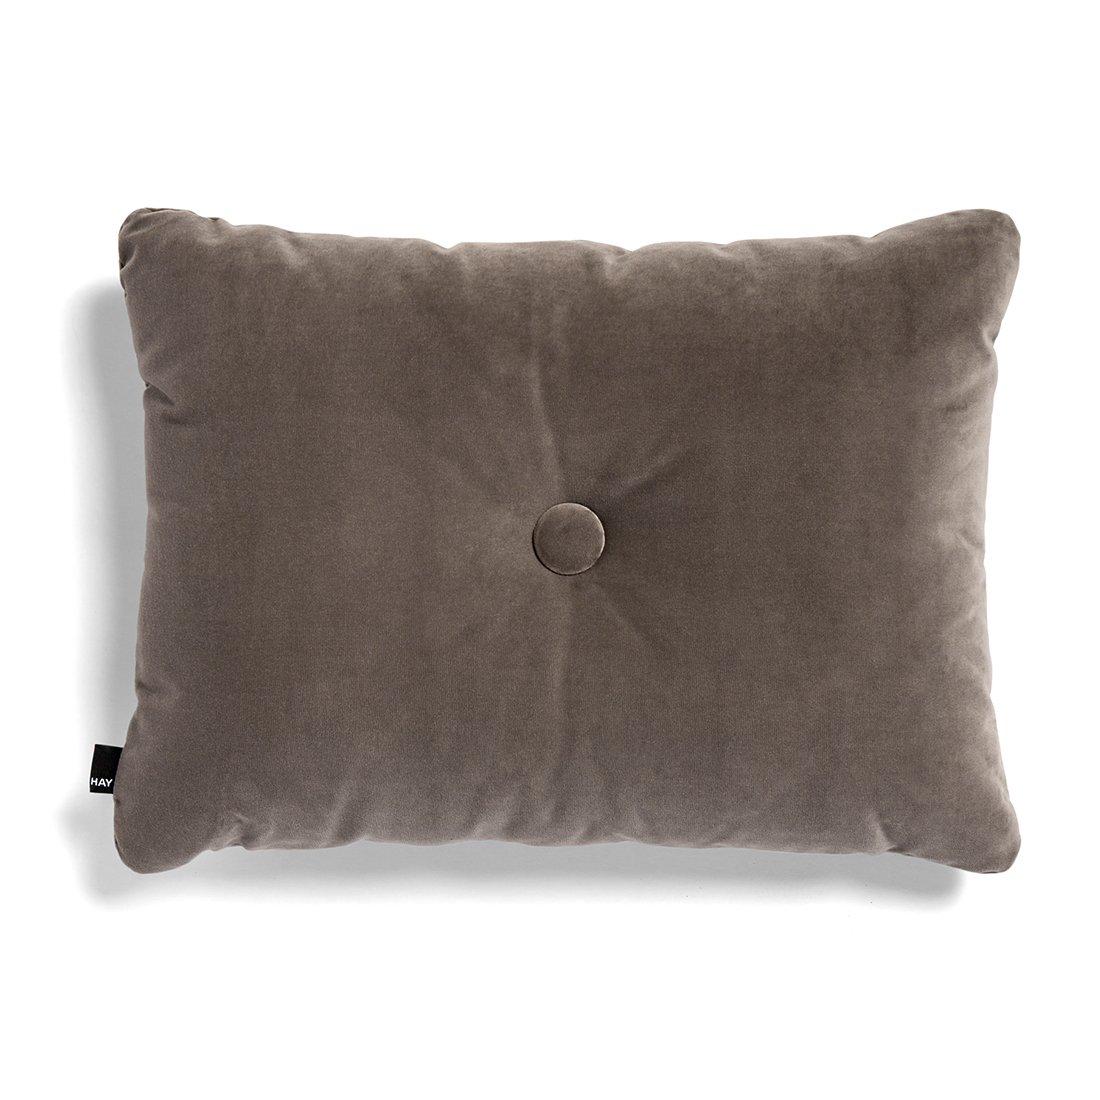 HAY Dot Cushion 1 Knoop Velours Kussen - Warmgrijs